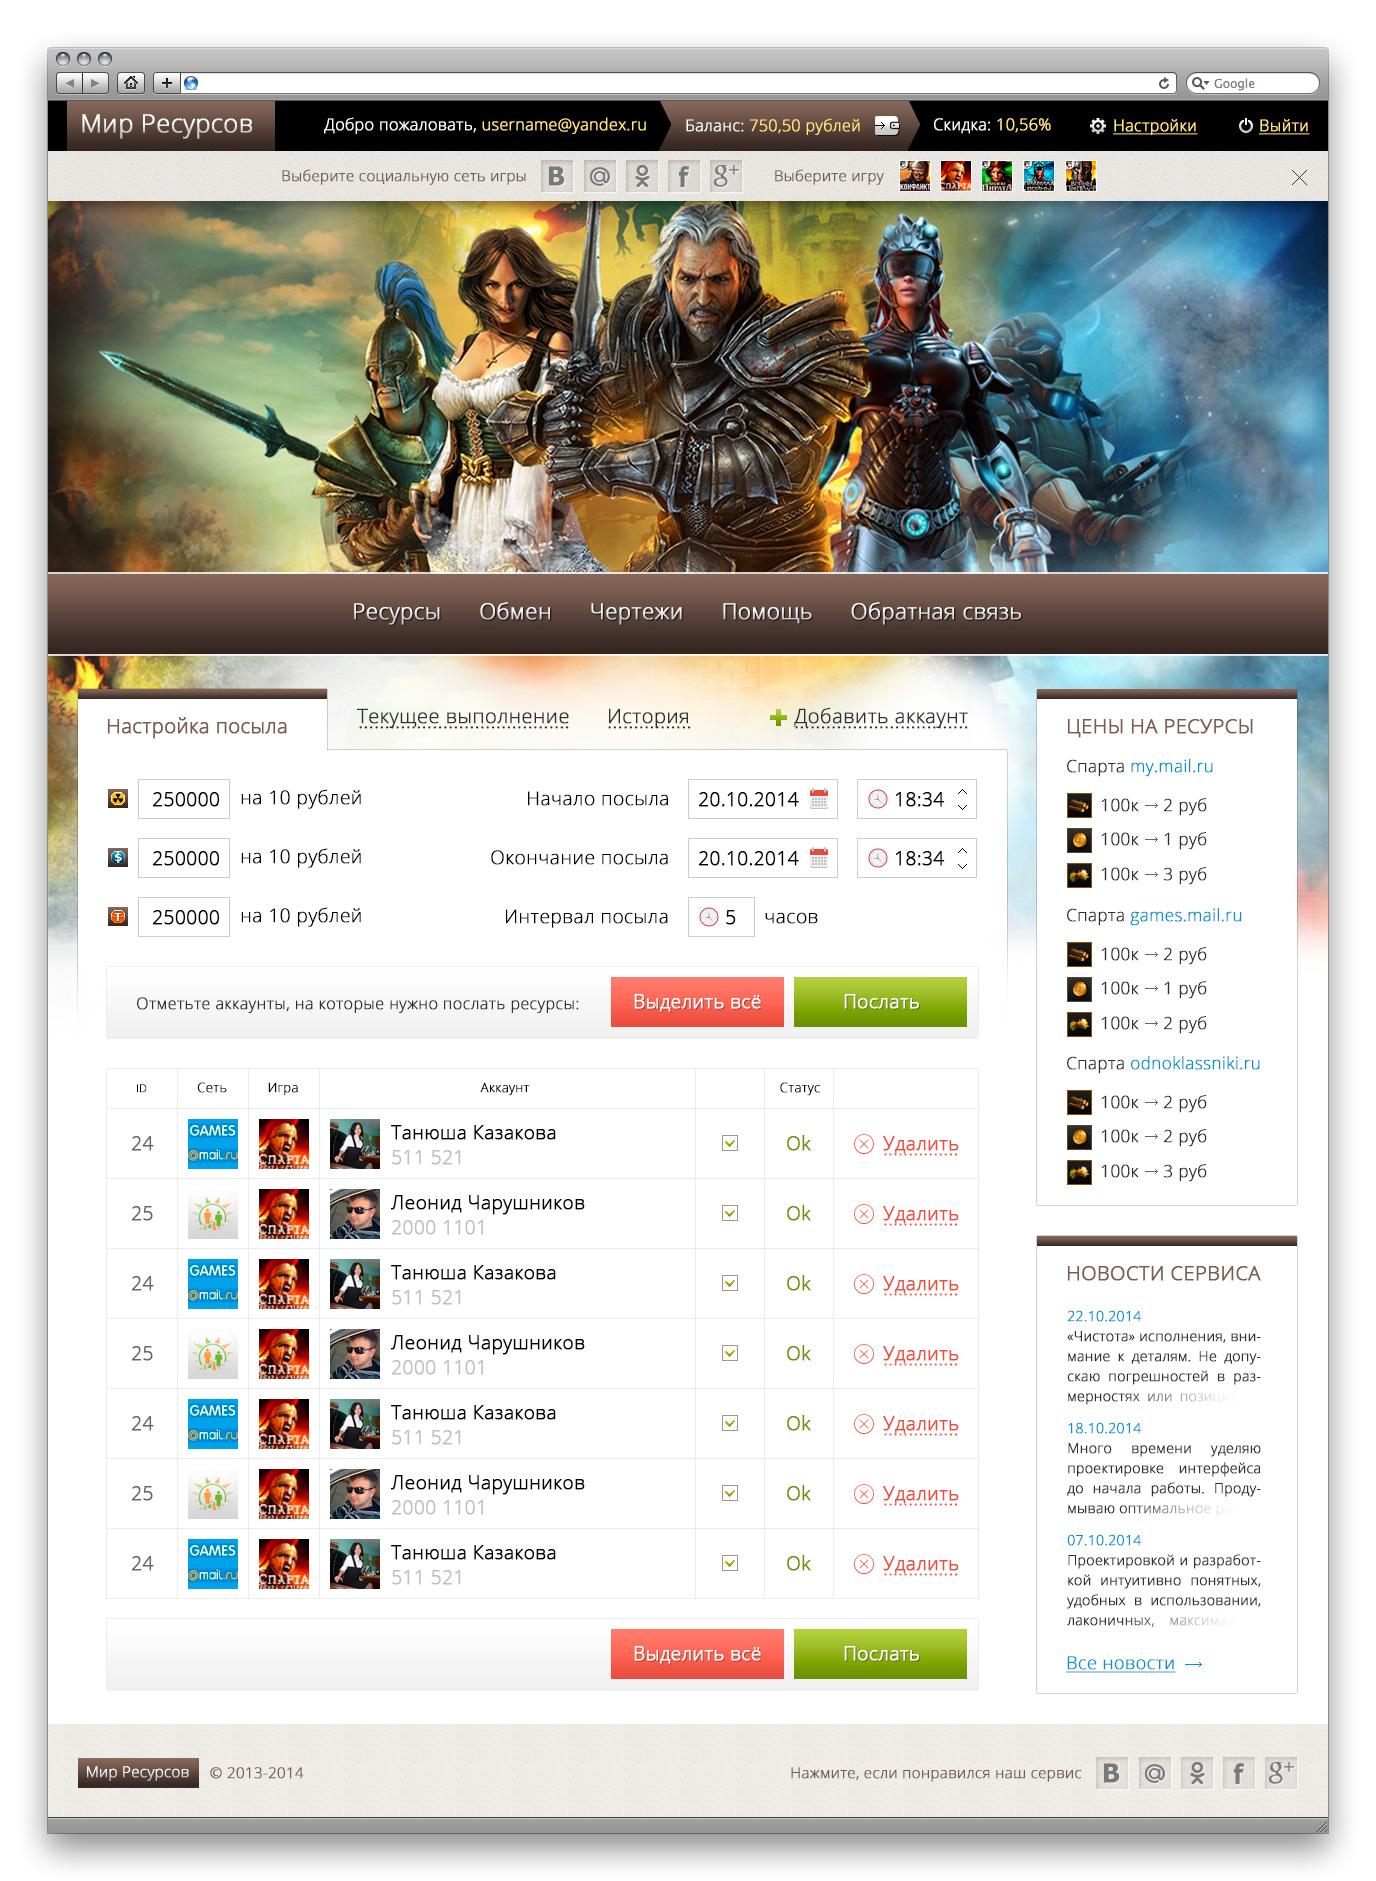 Дизайн игрового портала «Мир ресурсов»